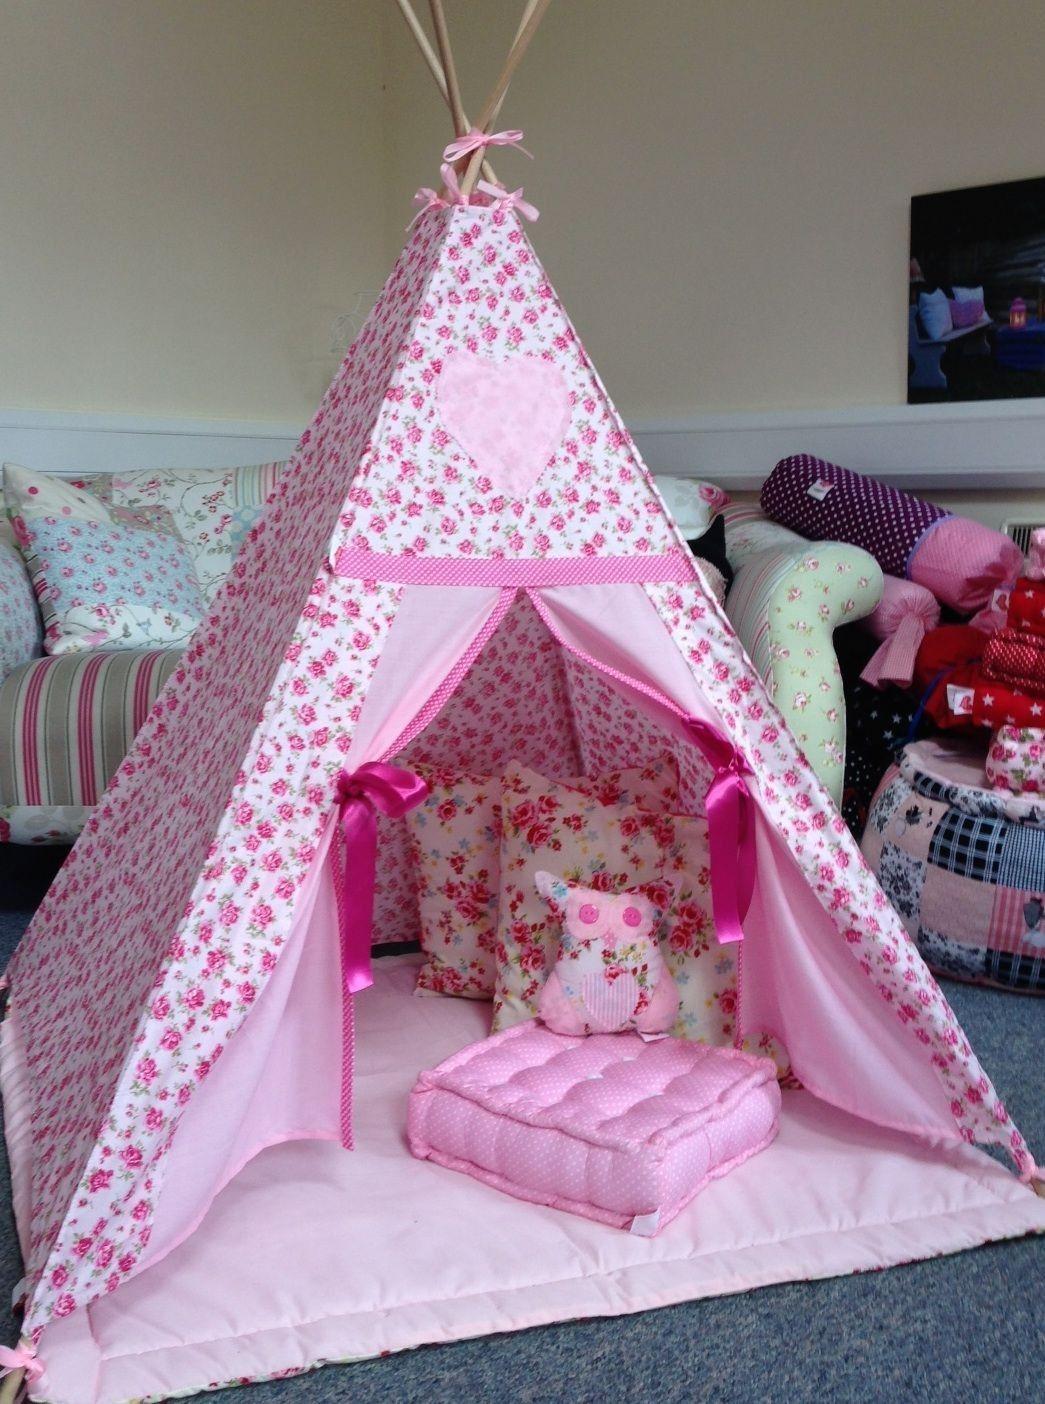 Pink Fairy Rose - Midi Childrenu0027s Teepee - Just For Tiny People - Handmade Childrenu0027s Teepees & Pink Fairy Rose - Midi Childrenu0027s Teepee - Just For Tiny People ...